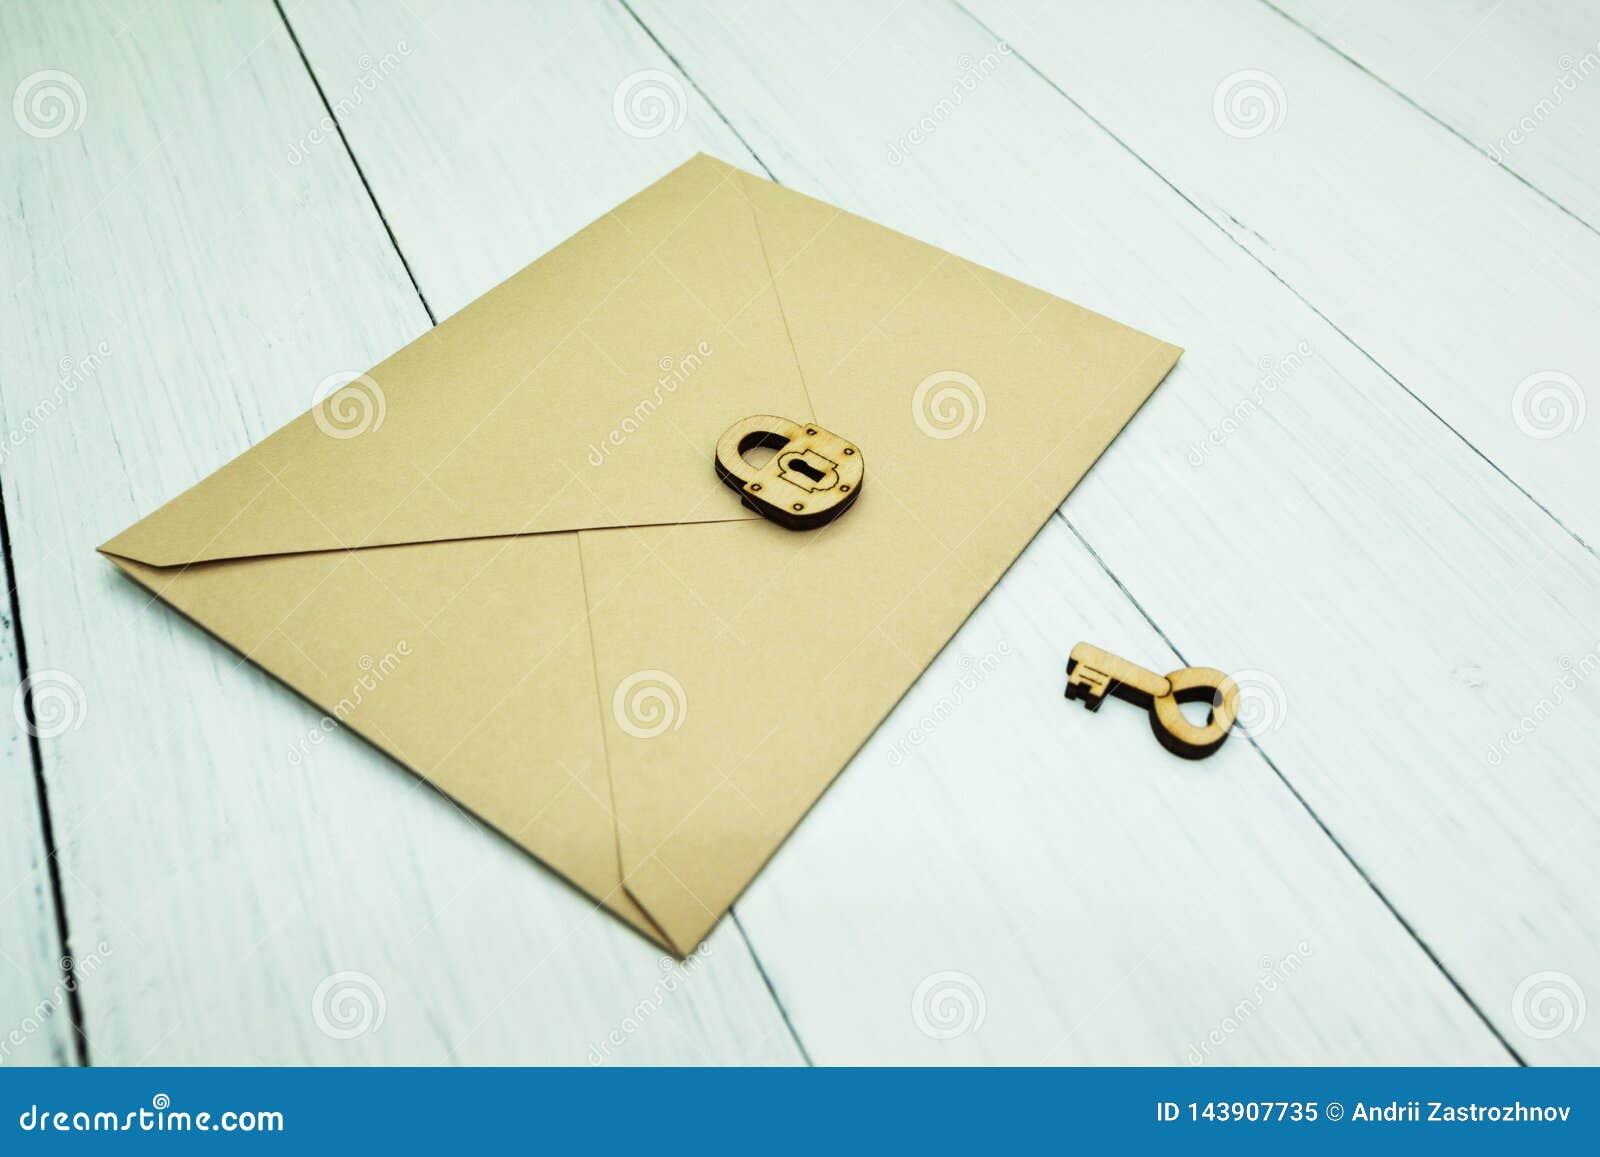 Un sobre de papel del correo es cerrado con una cerradura al lado de la llave en una tabla blanca, un secreto